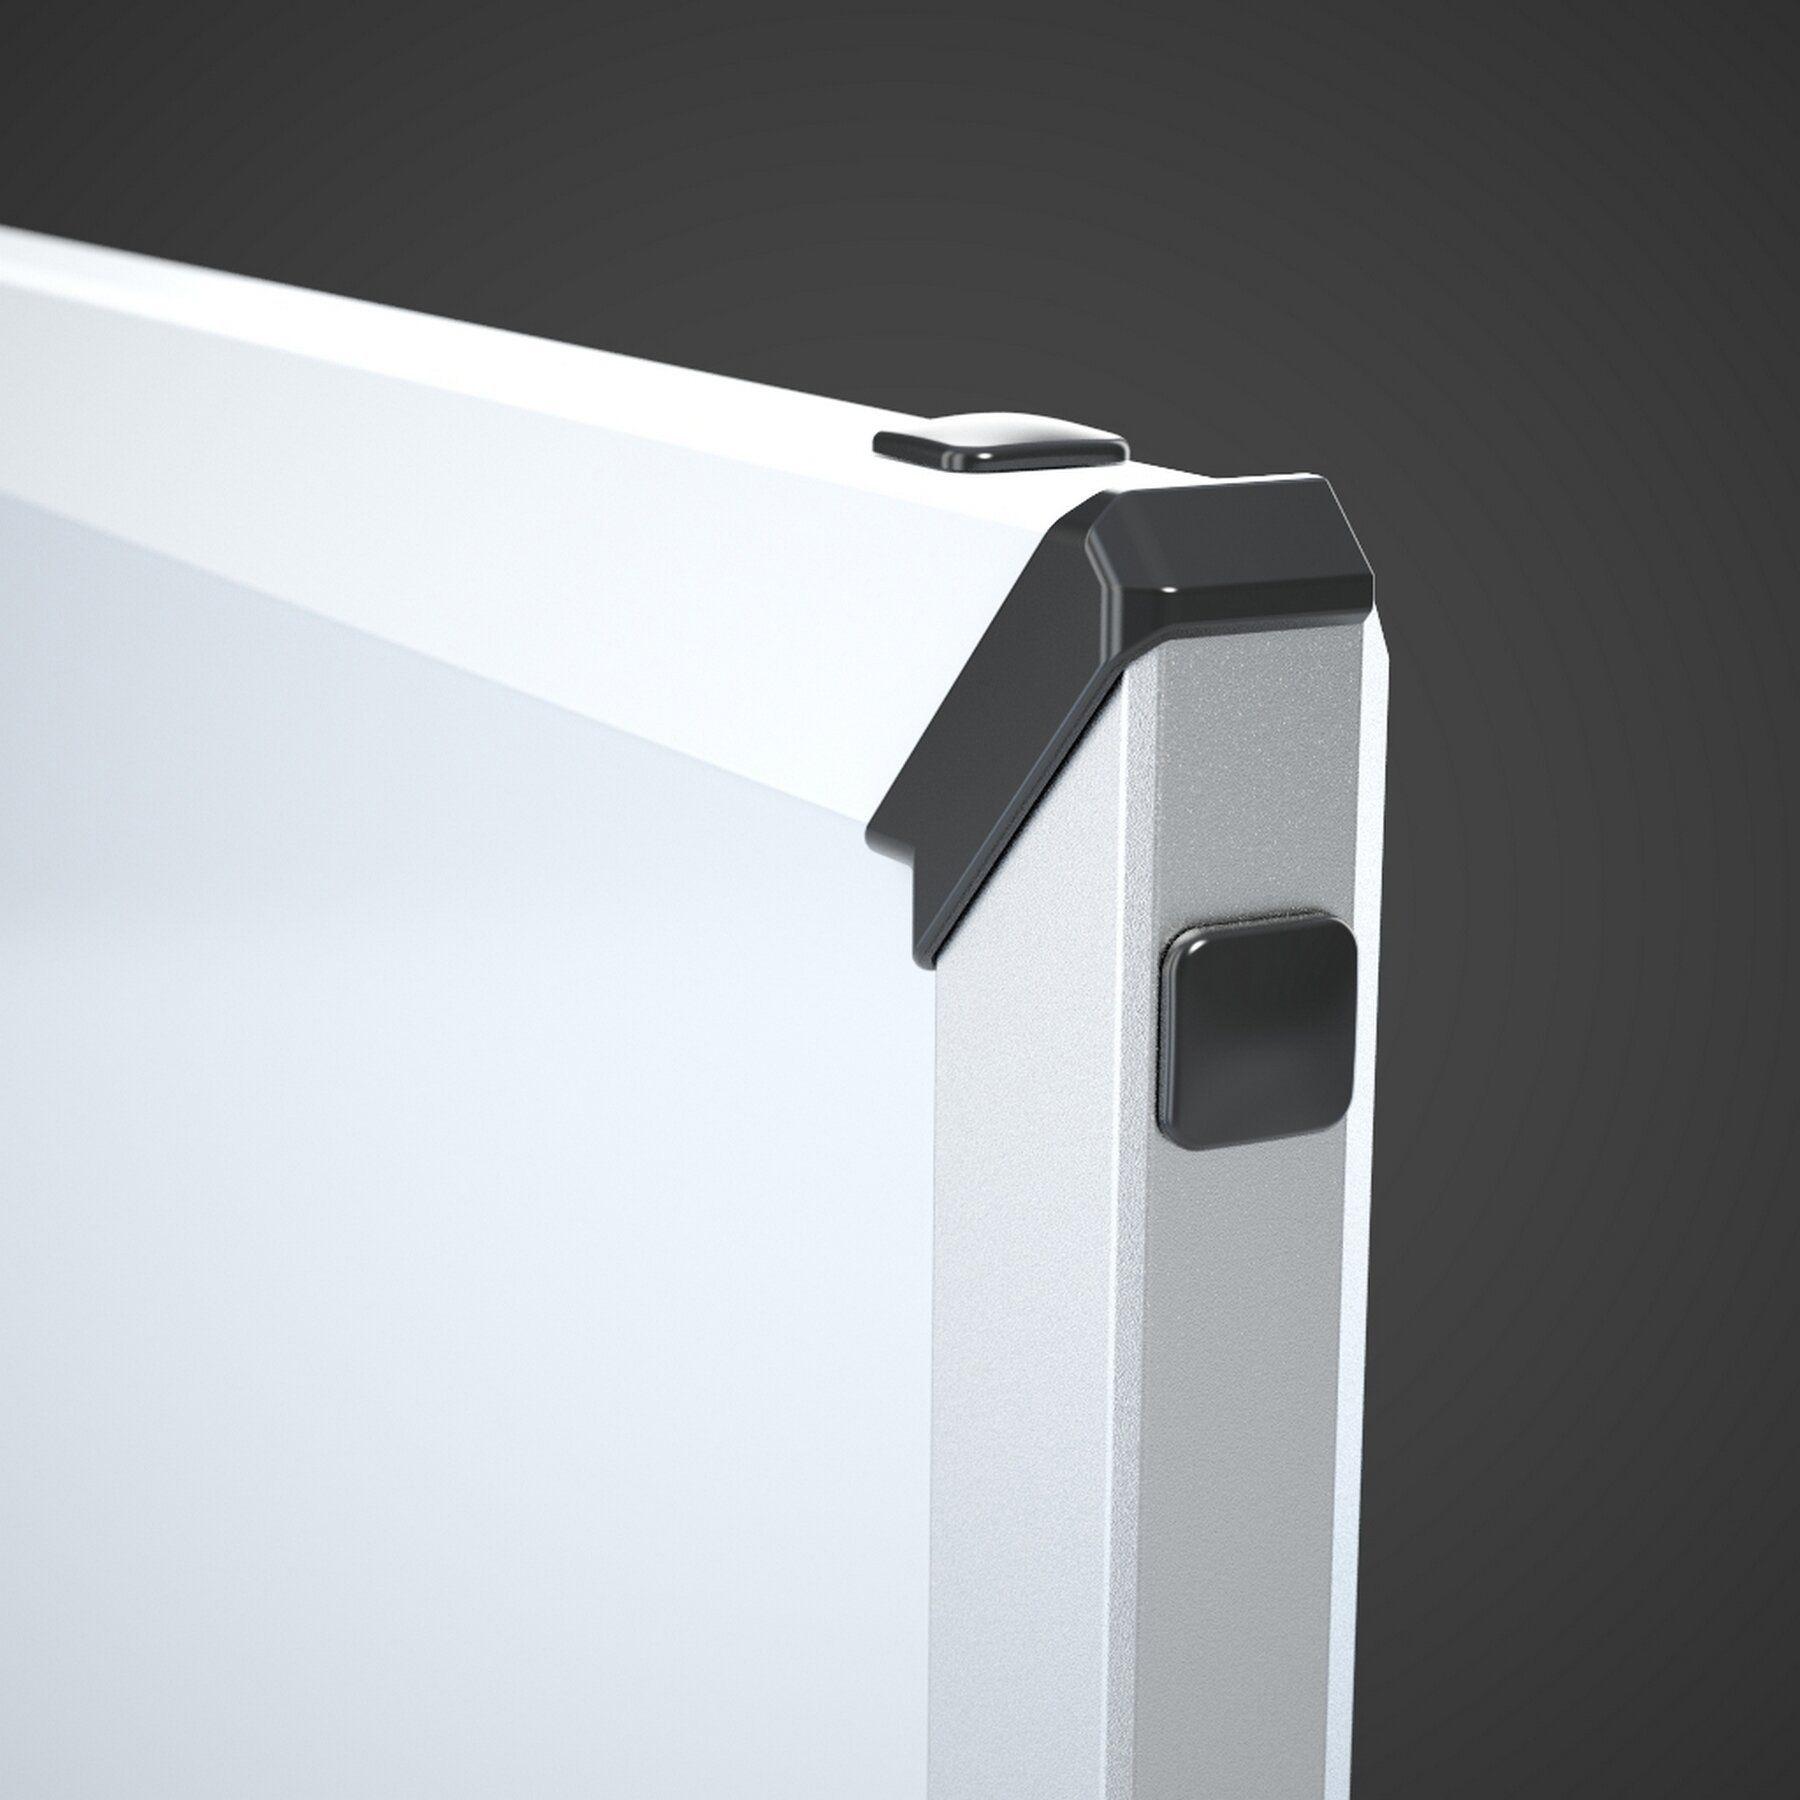 Доска белая магнитная сухостираемая StarBoard 90*120см., алюминиевая рамка, лак 2x3 - фото 5